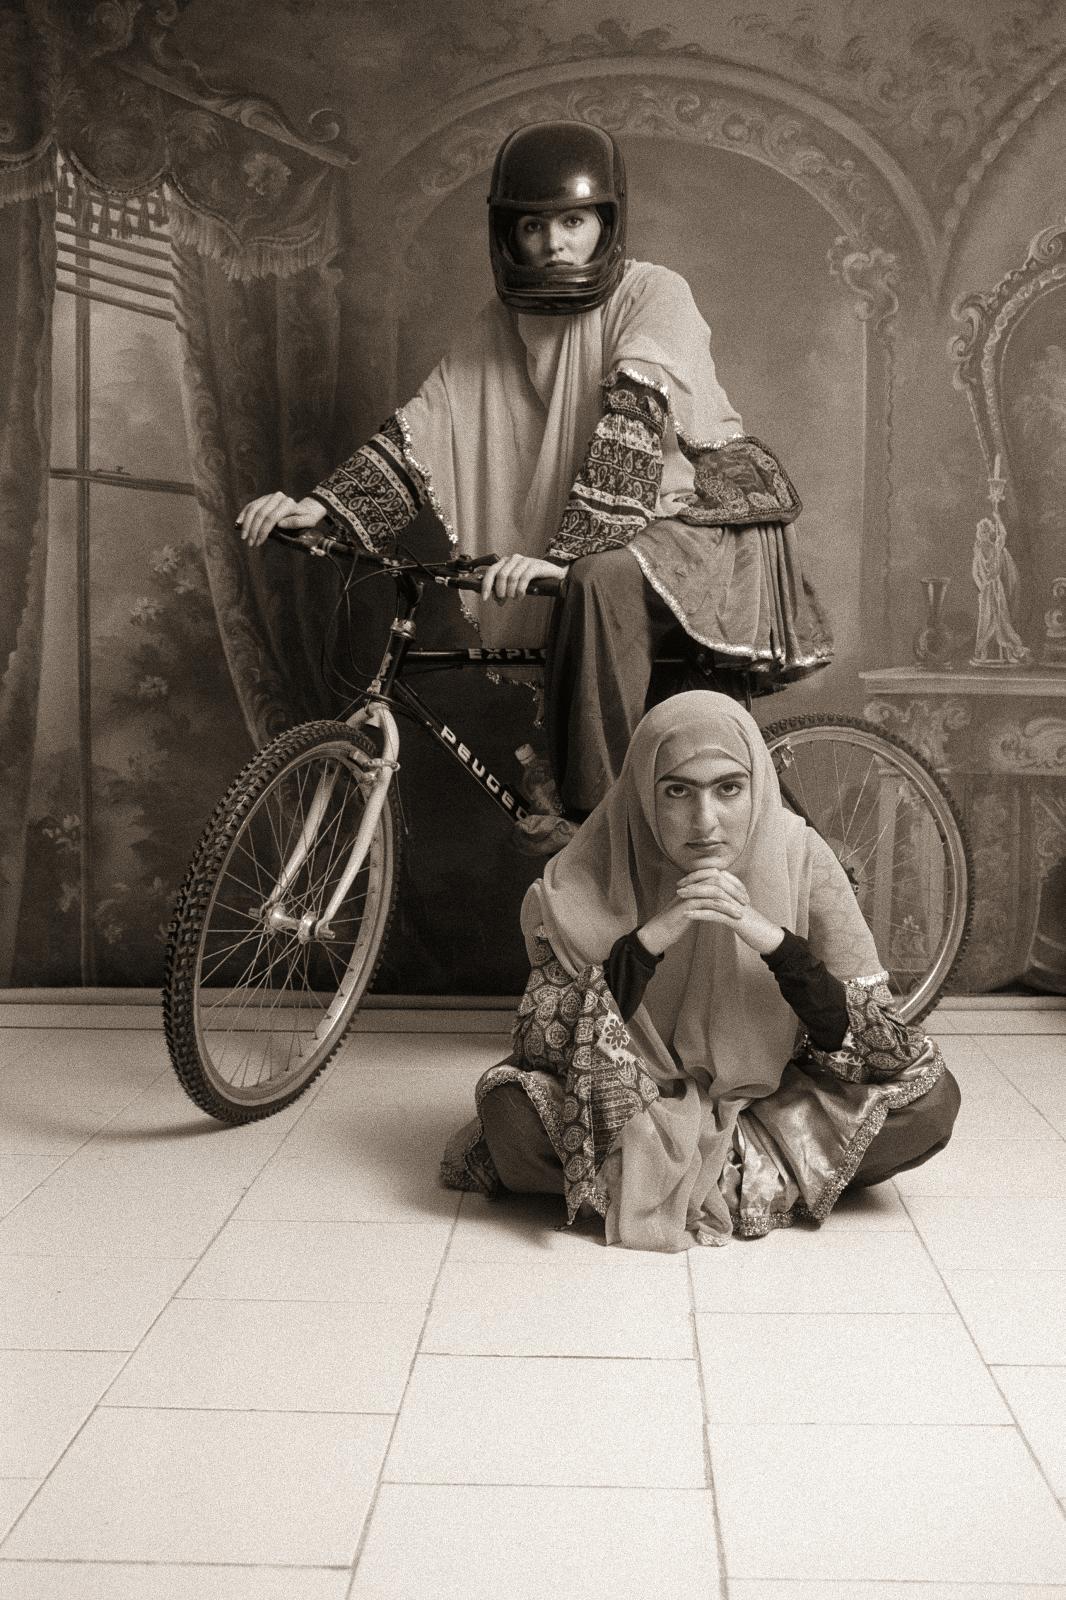 Shadi Ghadirian, Qajar, 1998. Exposition «Iran, année 38, 66 photographes iraniens». Avec l'aimable autorisation de l'artiste et de la galerie de la R